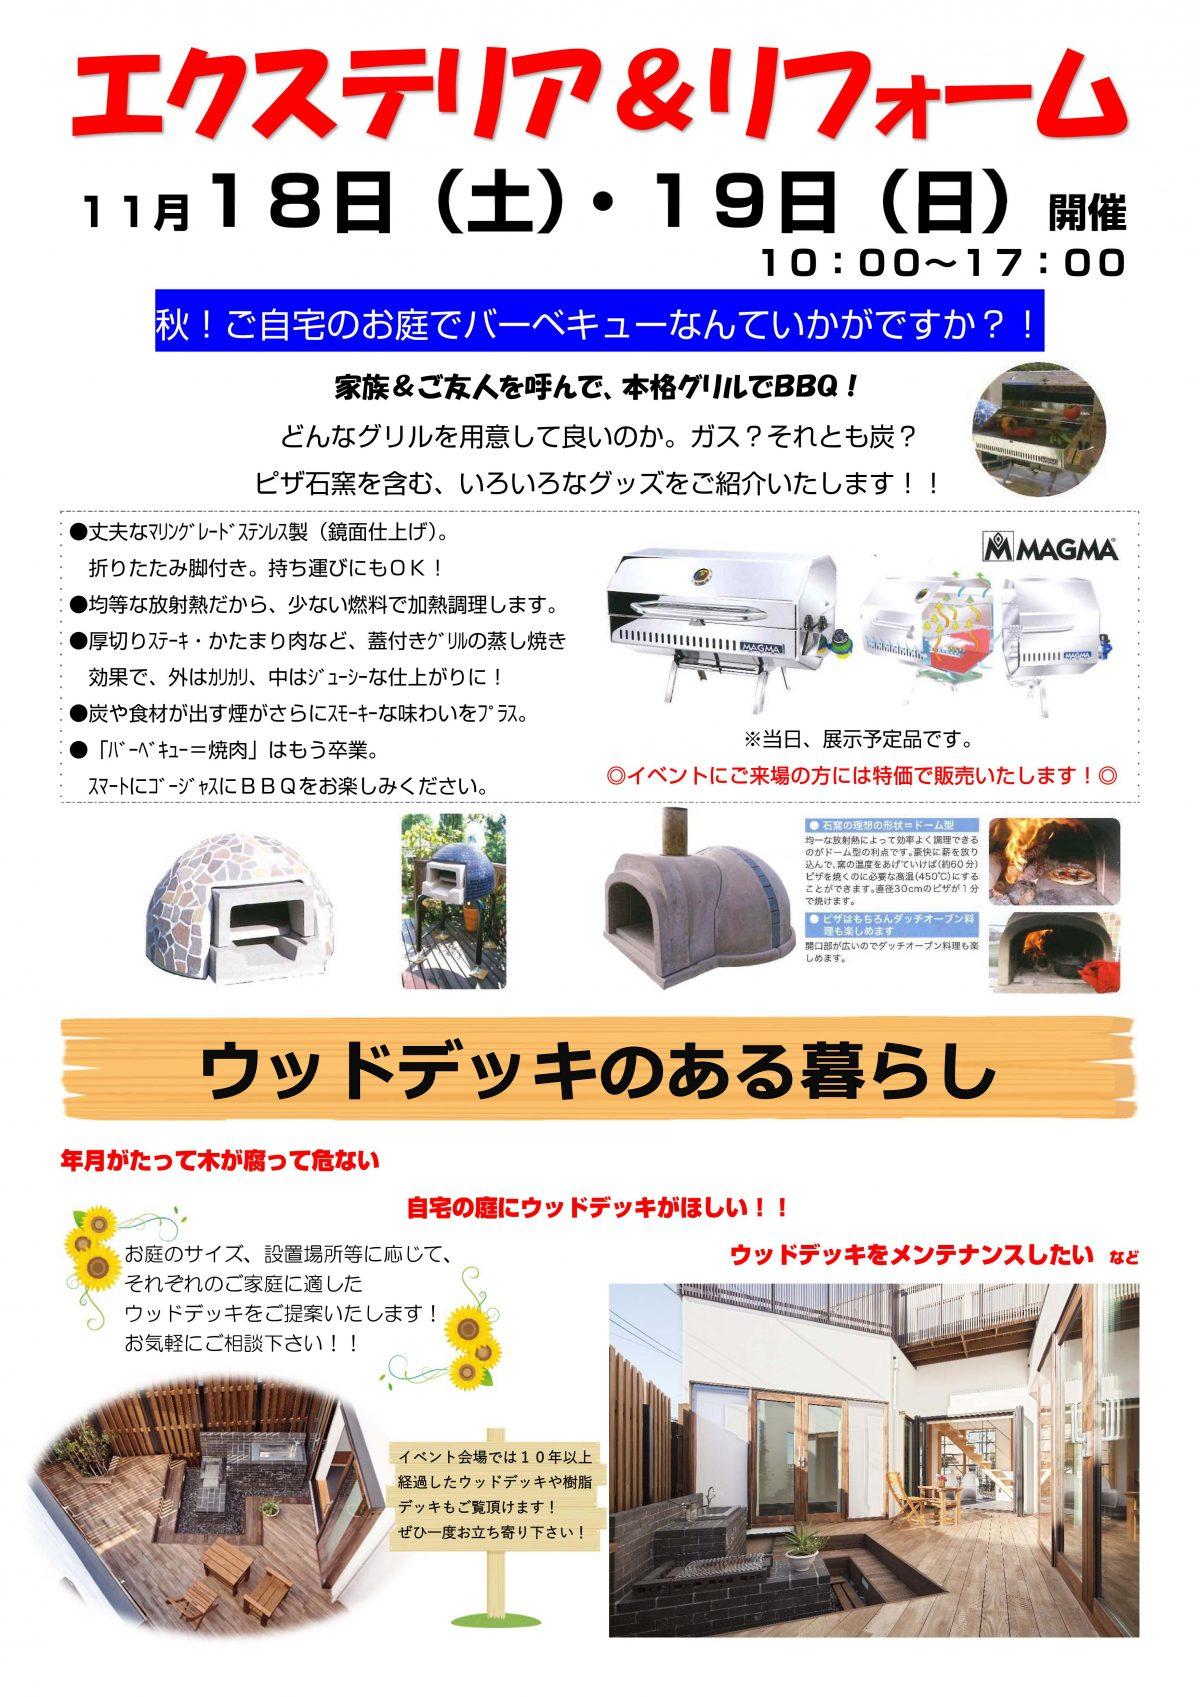 【2017年11月】エクステリア&リフォームフェア